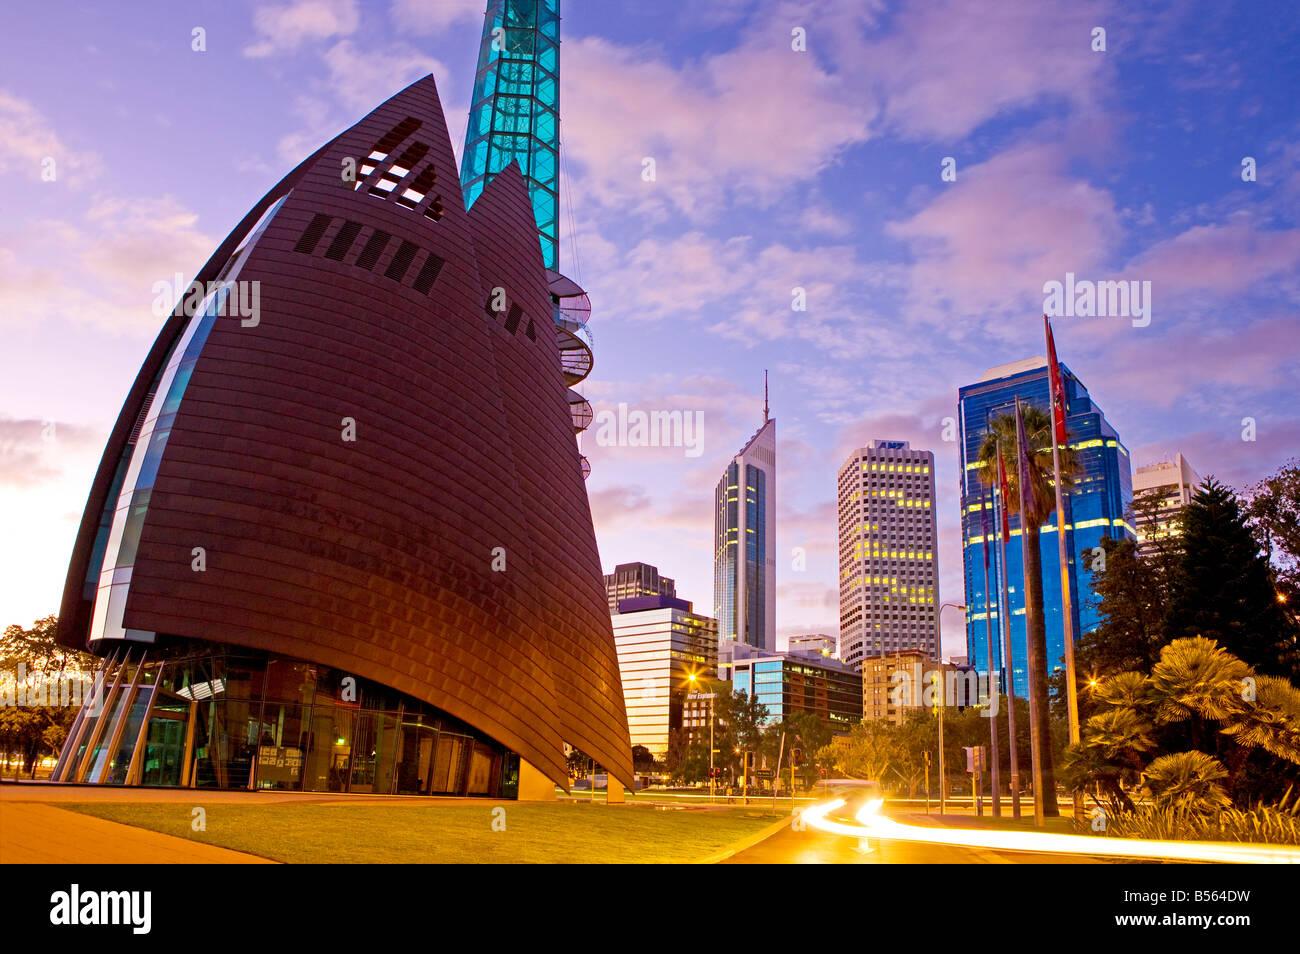 Australia, Western Australia, Perth. Cityscape - Stock Image